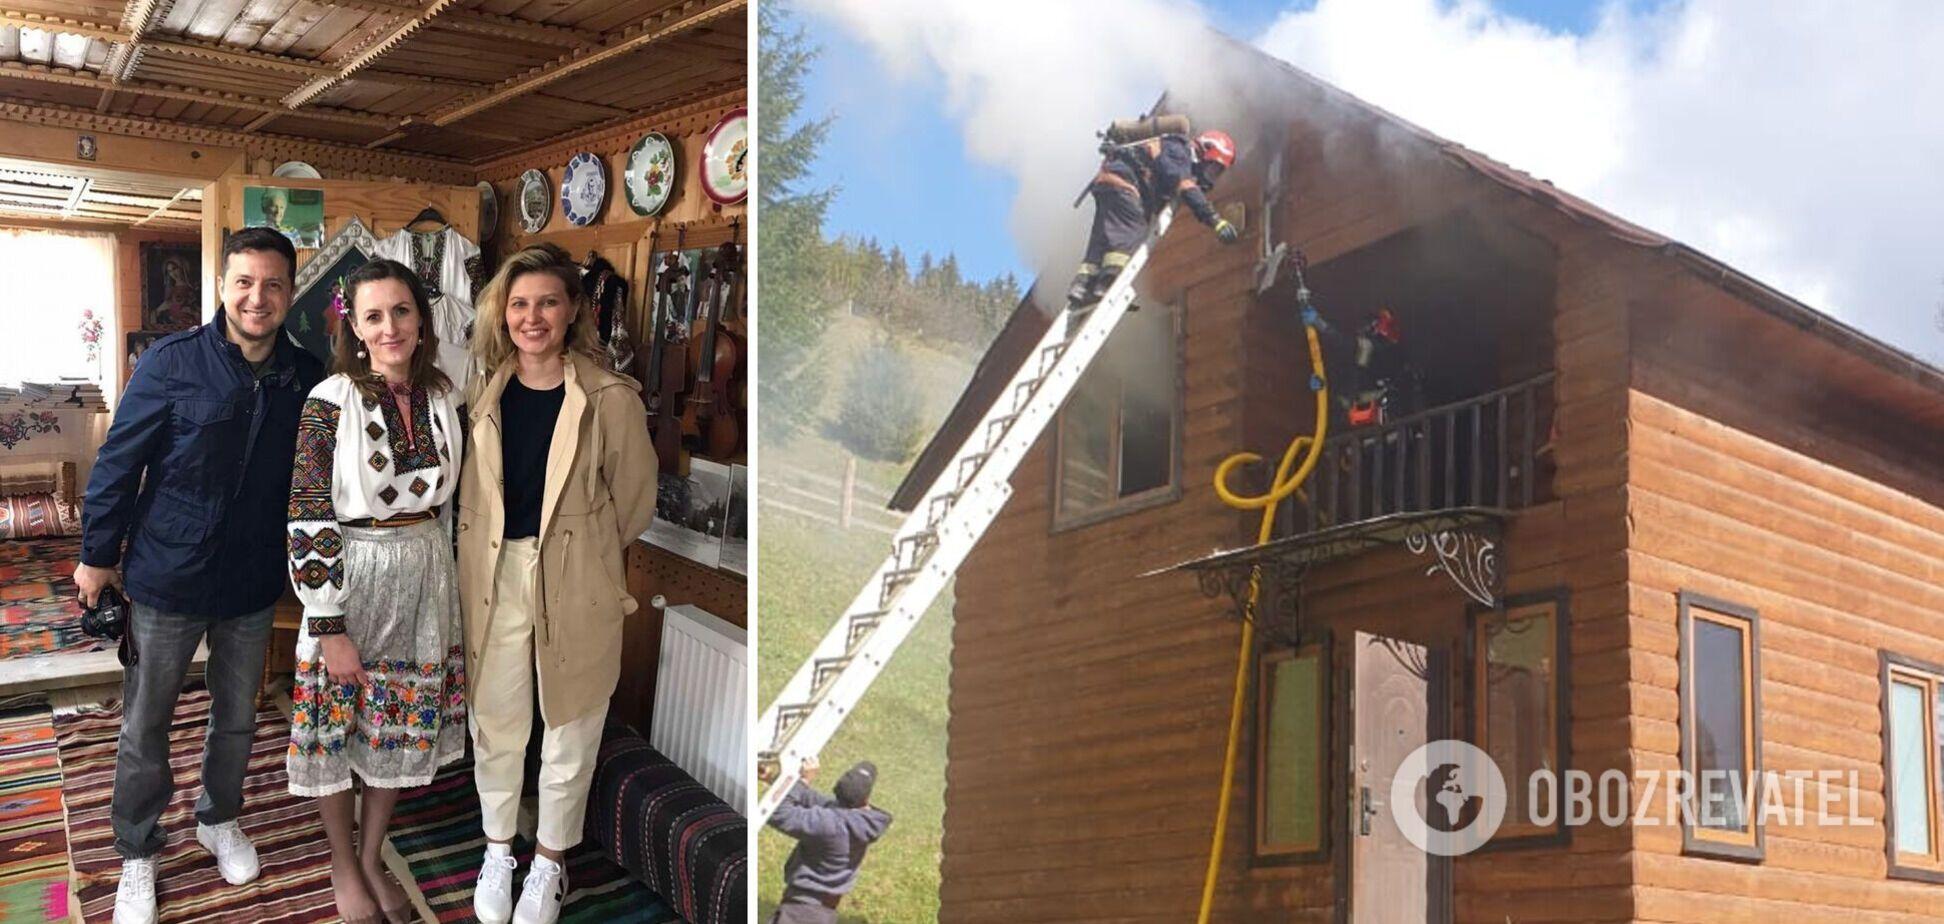 На Прикарпатье горел комплекс отдыха, который на днях посетил Зеленский. Фото